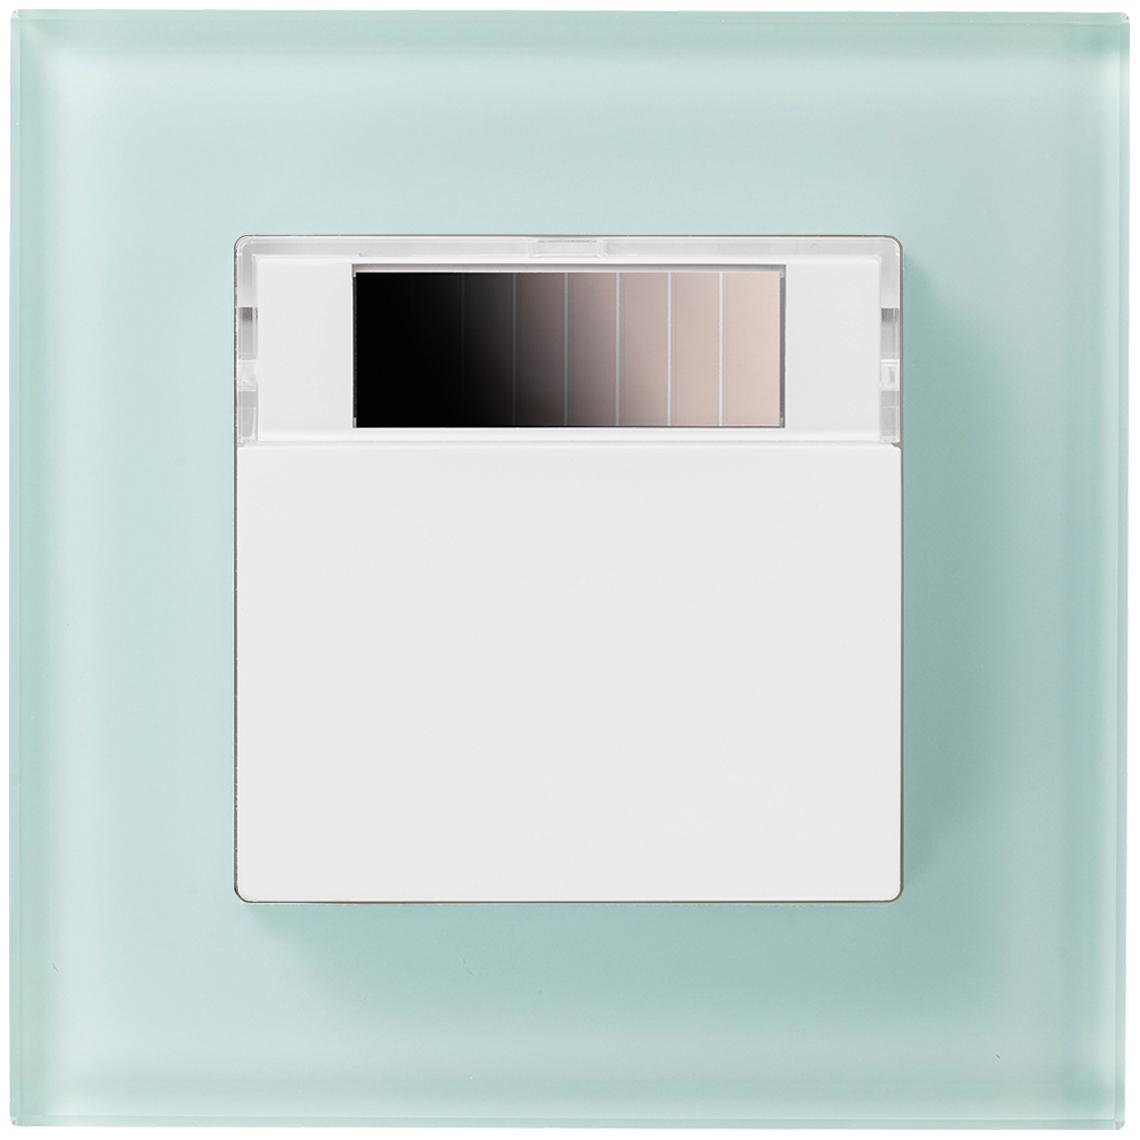 SR07 Gira Esprit reinweiß glänzend / Glas mint Produktbild